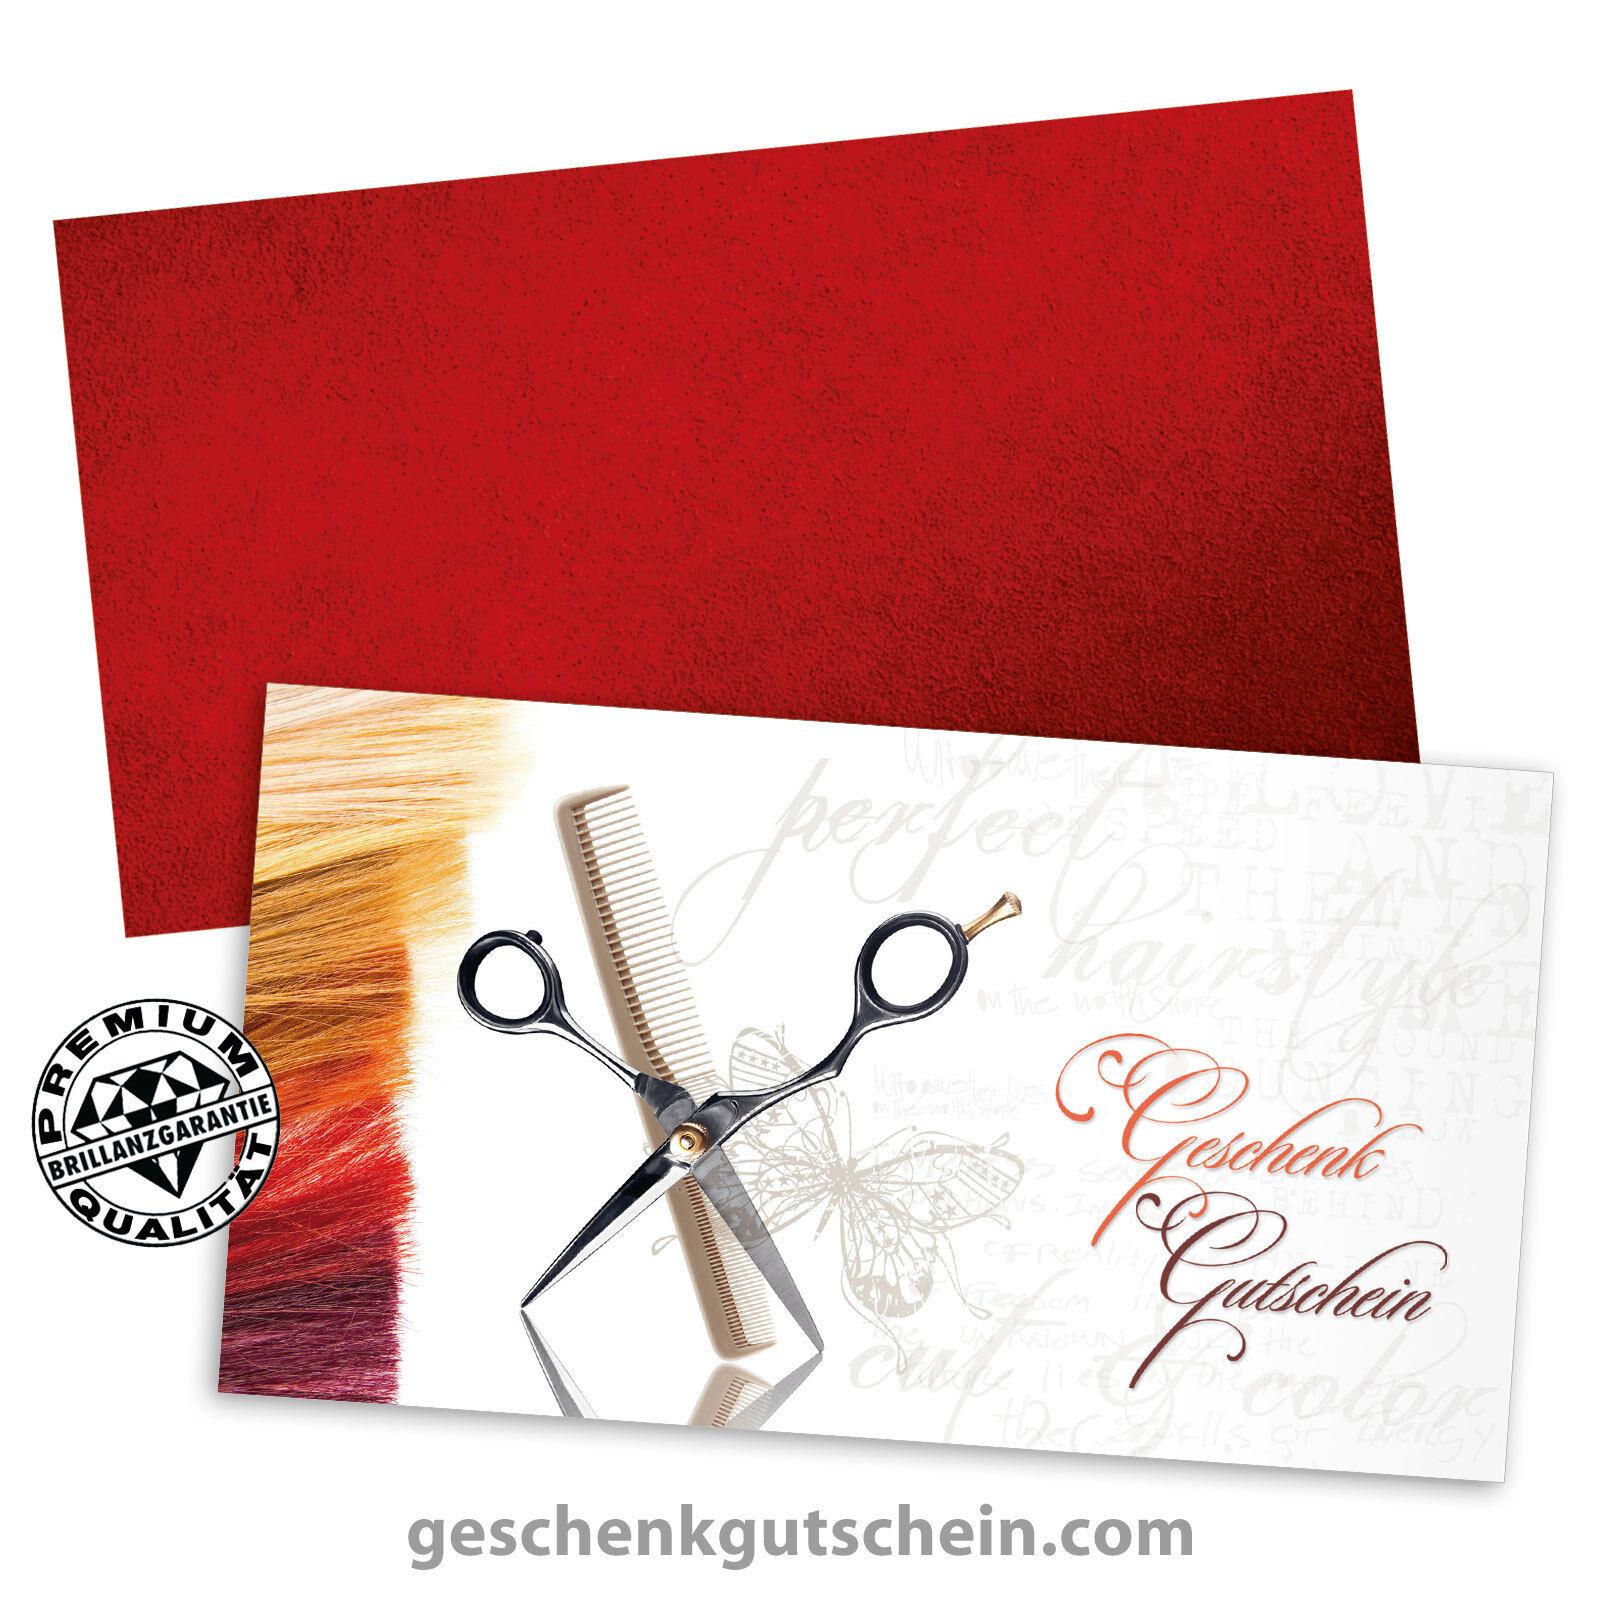 Gutscheinkarten  Standard  mit KuGrüns für Friseure Coiffeure Haarstudios K1403